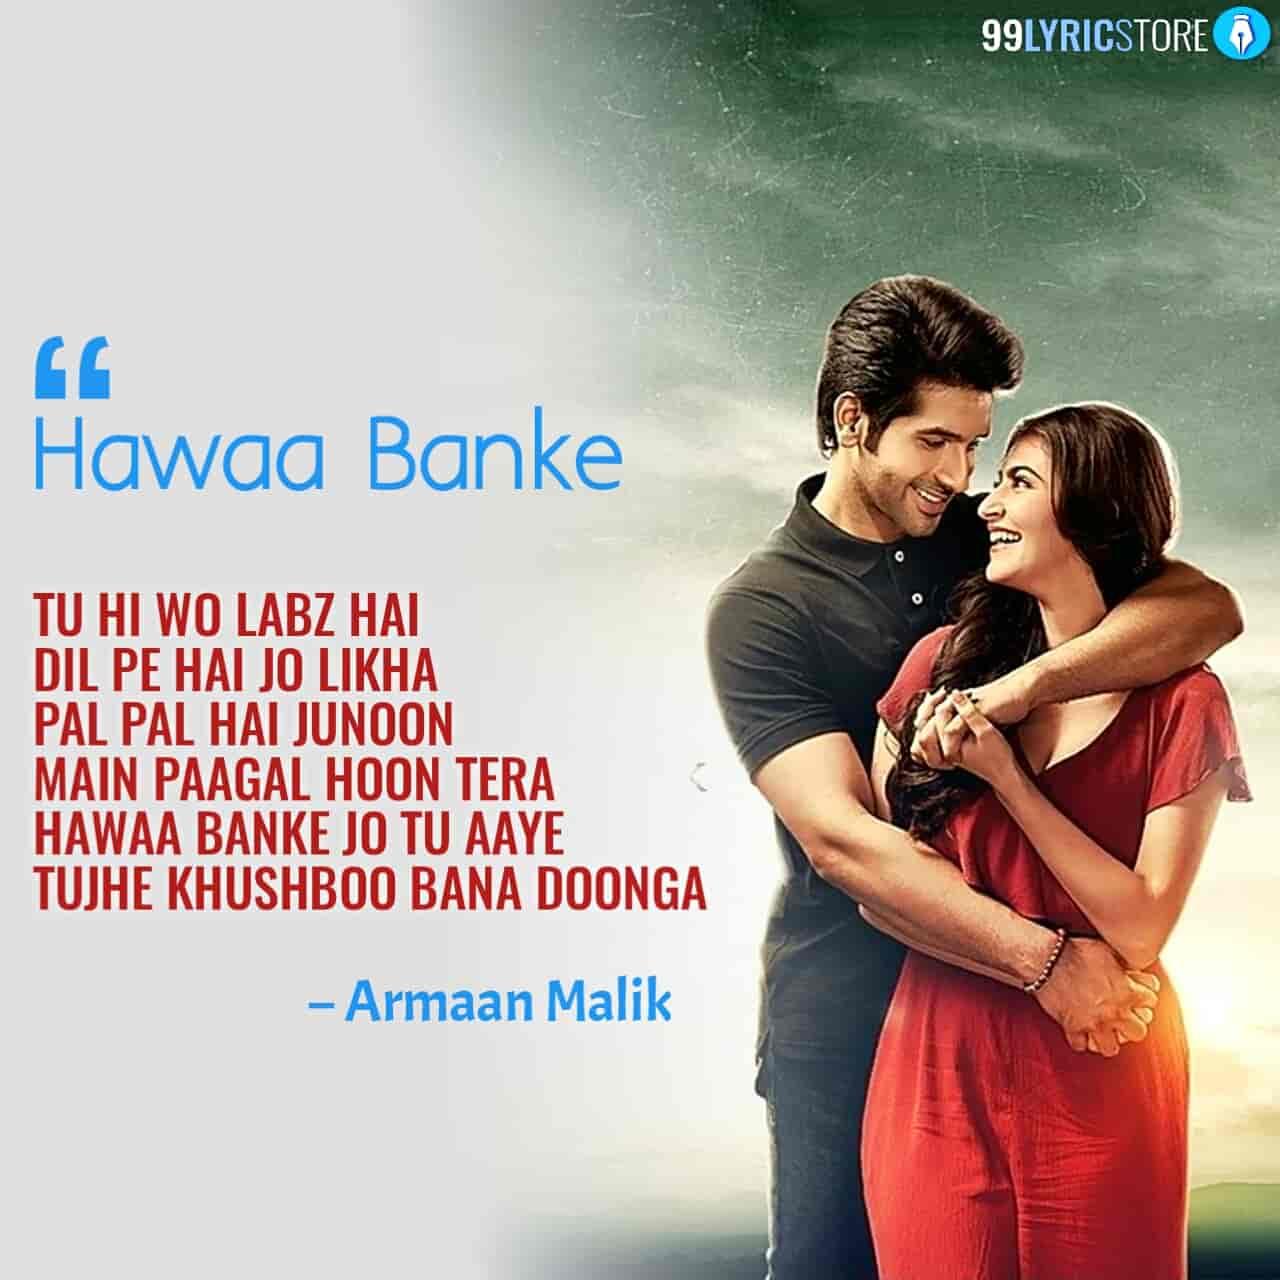 Hawaa Banke Armaan Malik Song Images